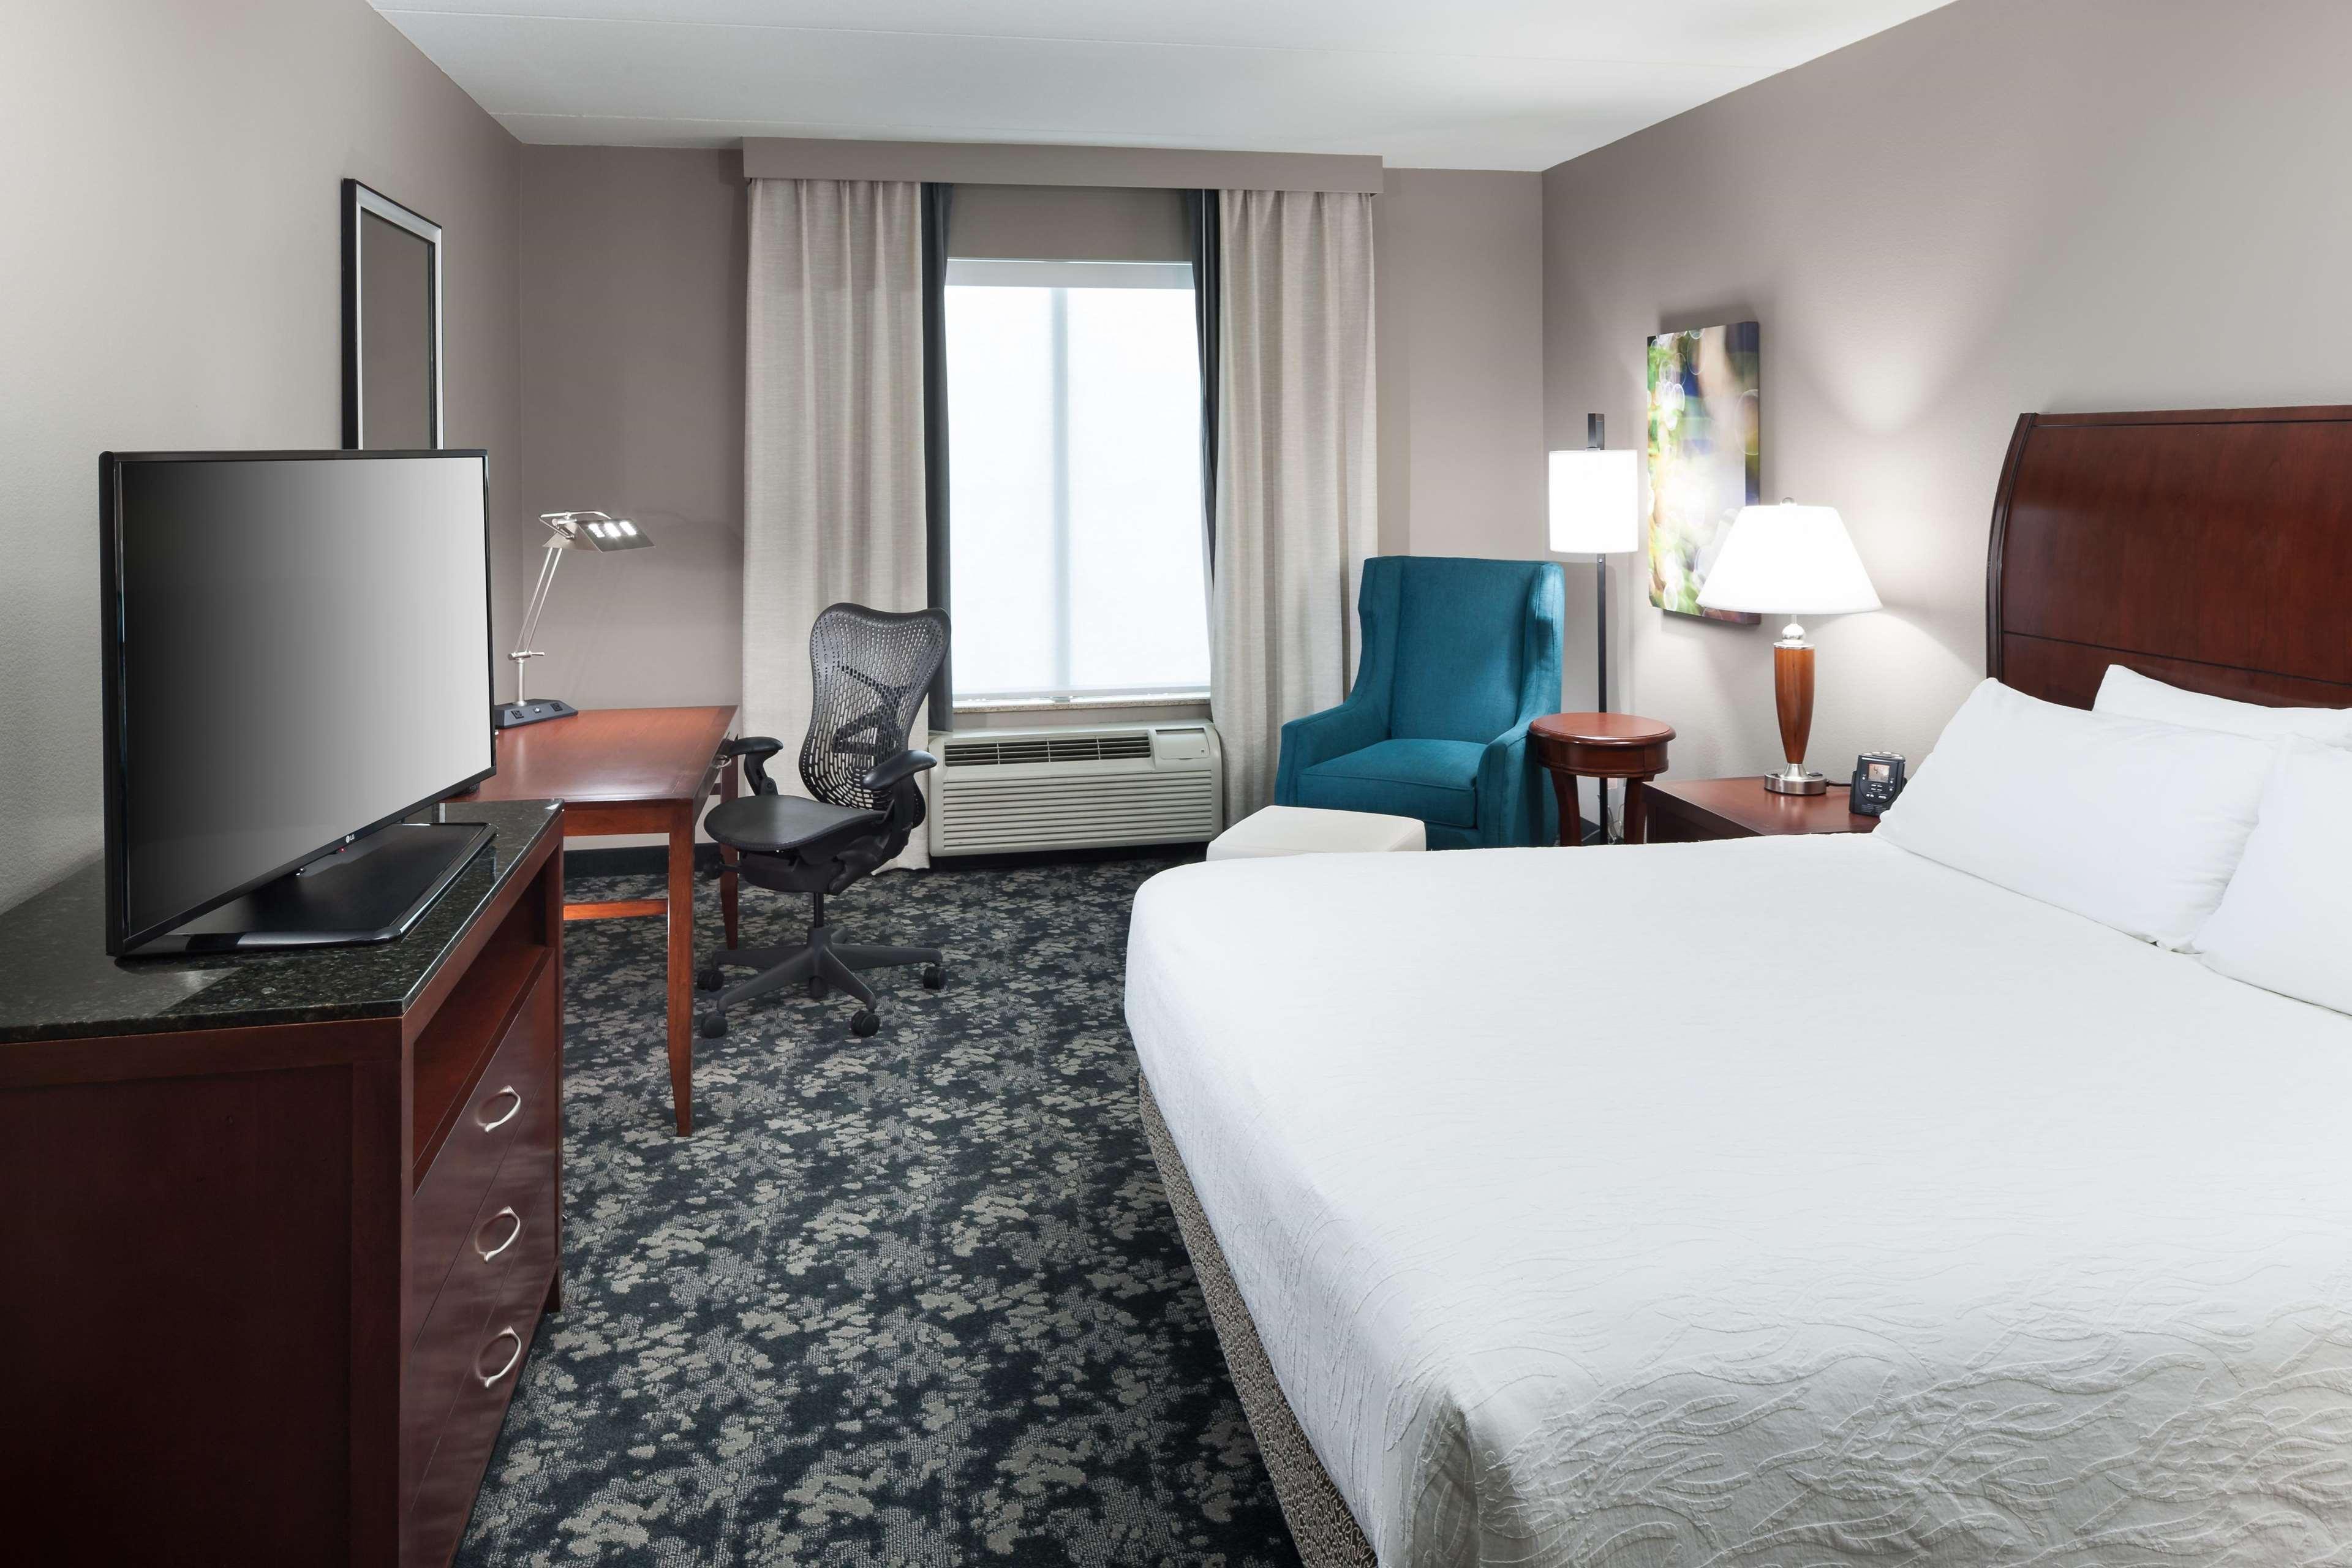 Hilton Garden Inn Frisco image 3